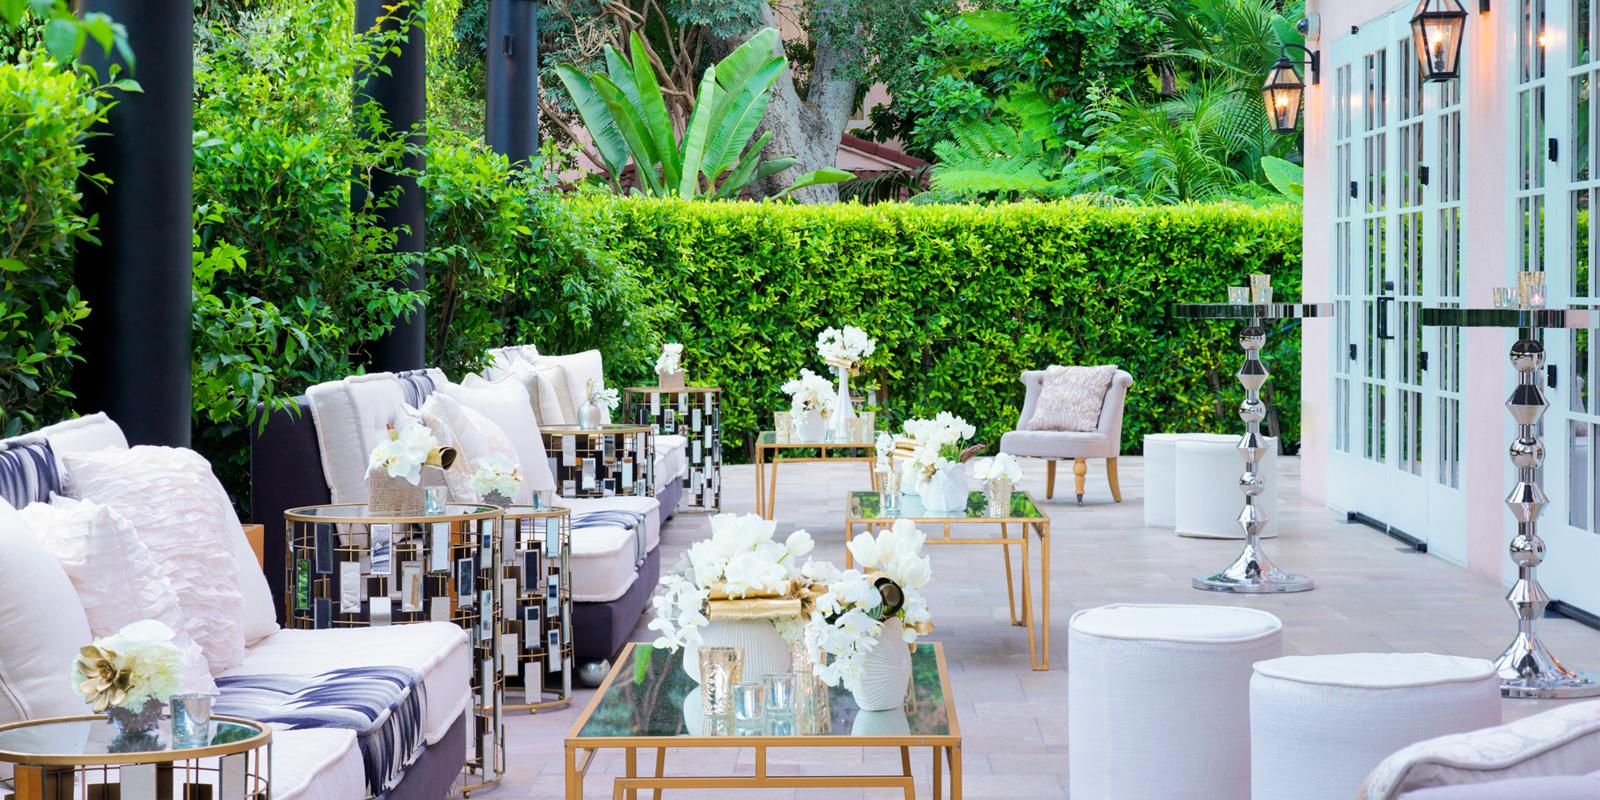 Garden Courtyard - Hotel Bel-Air